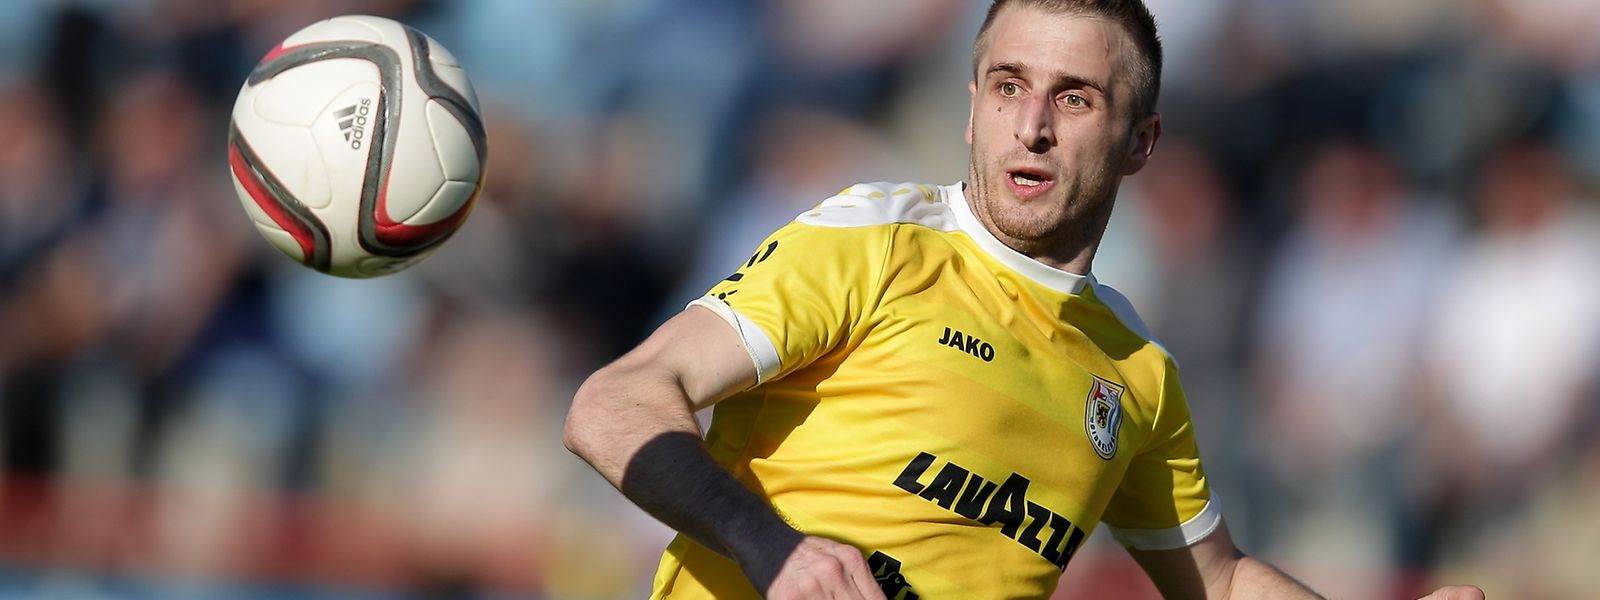 Sanel Ibrahimovic möchte sich gegen Mondorf in die Torschützenliste eintragen.